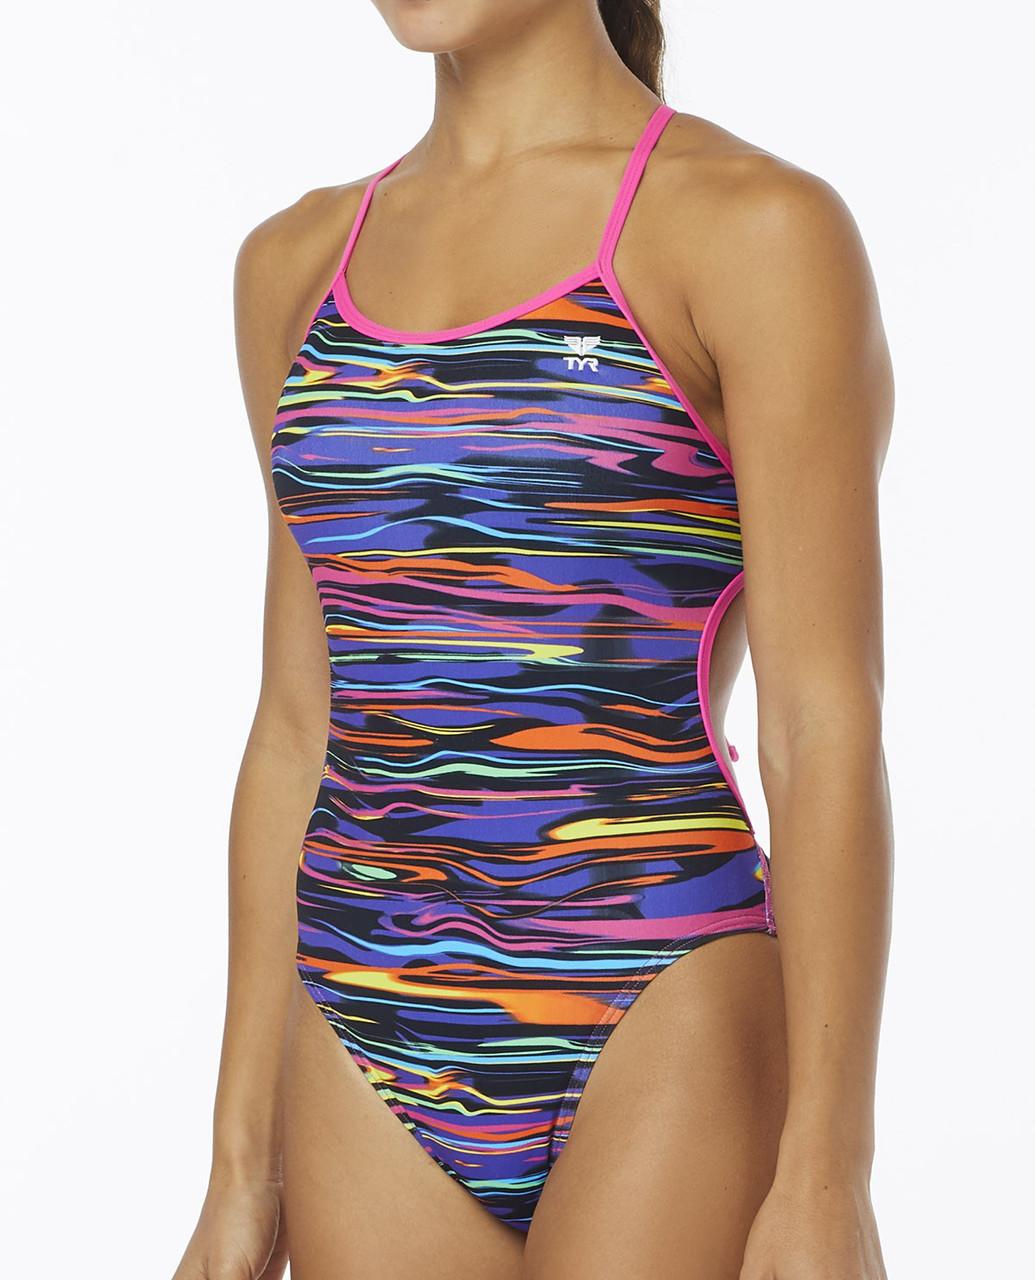 Купальник TYR Fresno Crosscutfit Tieback Swimsuit 185 - фото 1